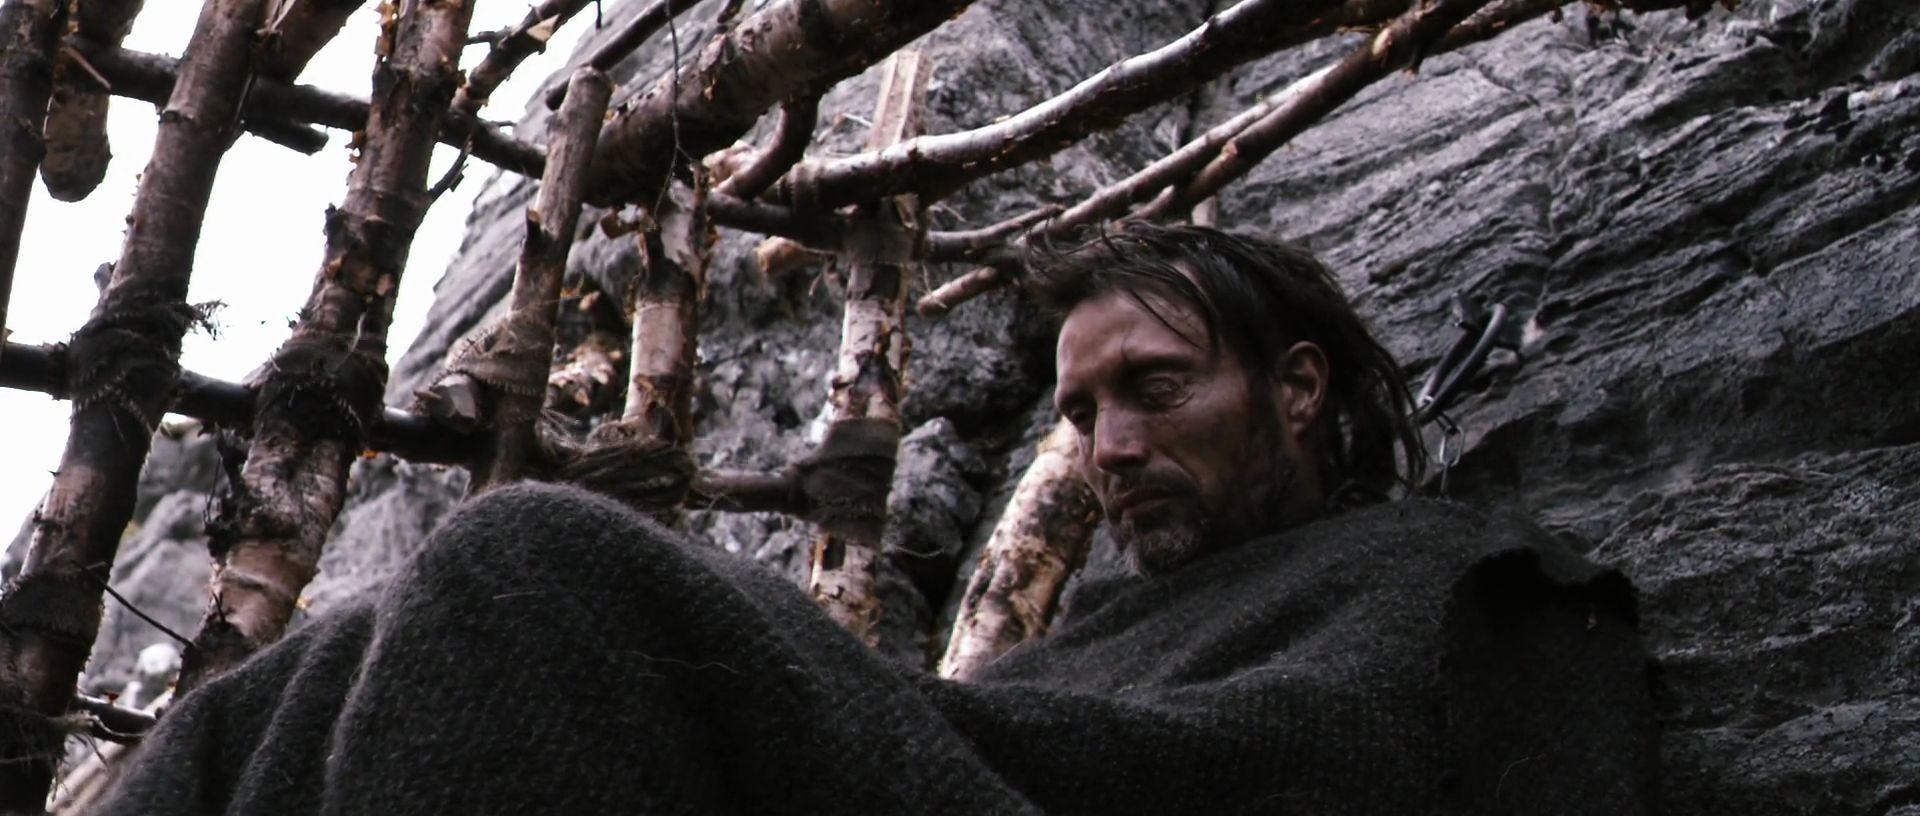 001 - Вальгалла Сага о викинге.jpg